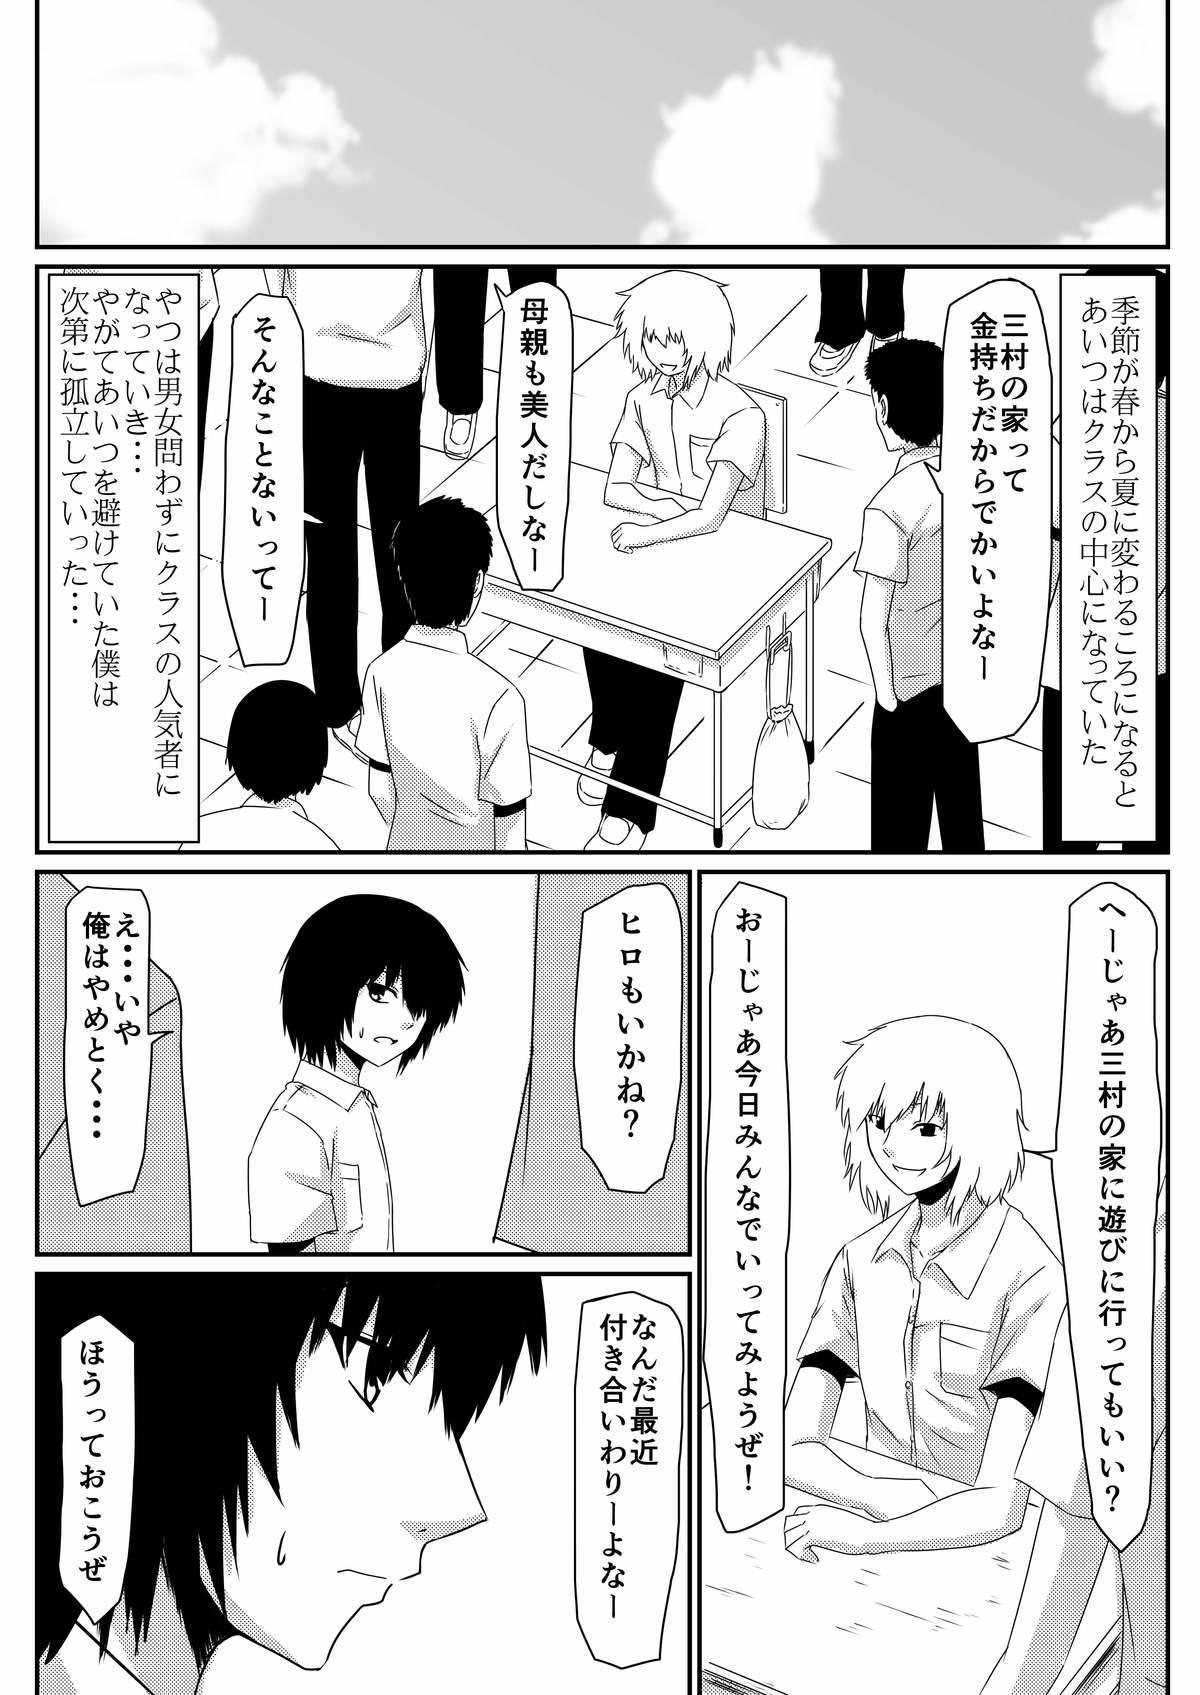 [Mikezoutei] Mashou no Chinko o Motsu Shounen ~Kare no Dankon wa Josei o Mesu e to Kaeru~ Zenpen 47